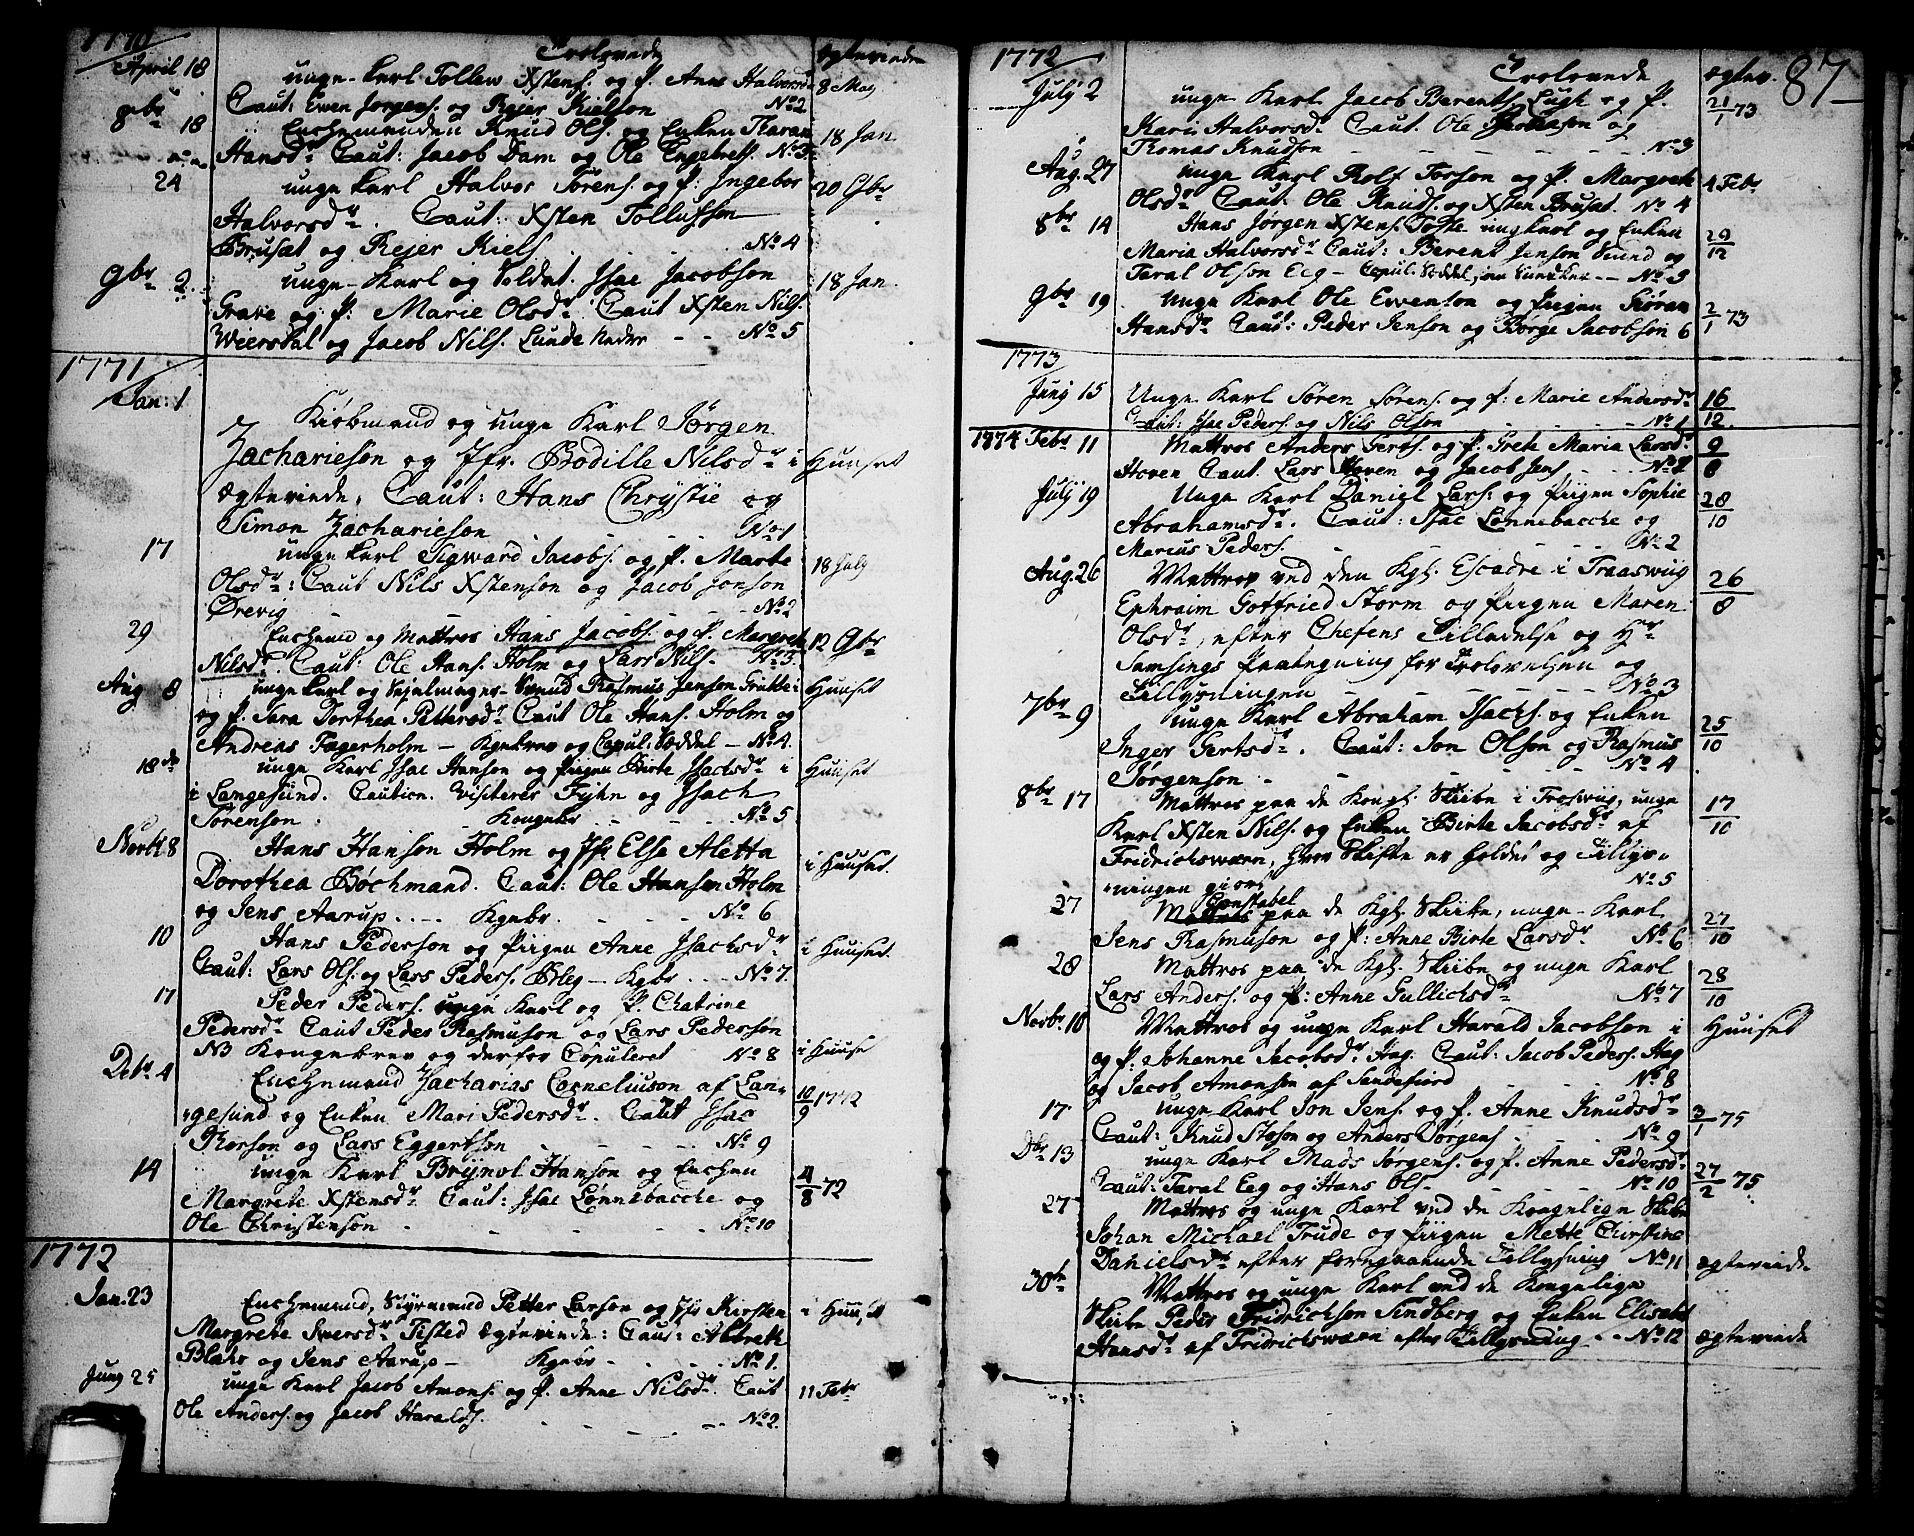 SAKO, Brevik kirkebøker, F/Fa/L0003: Ministerialbok nr. 3, 1764-1814, s. 87